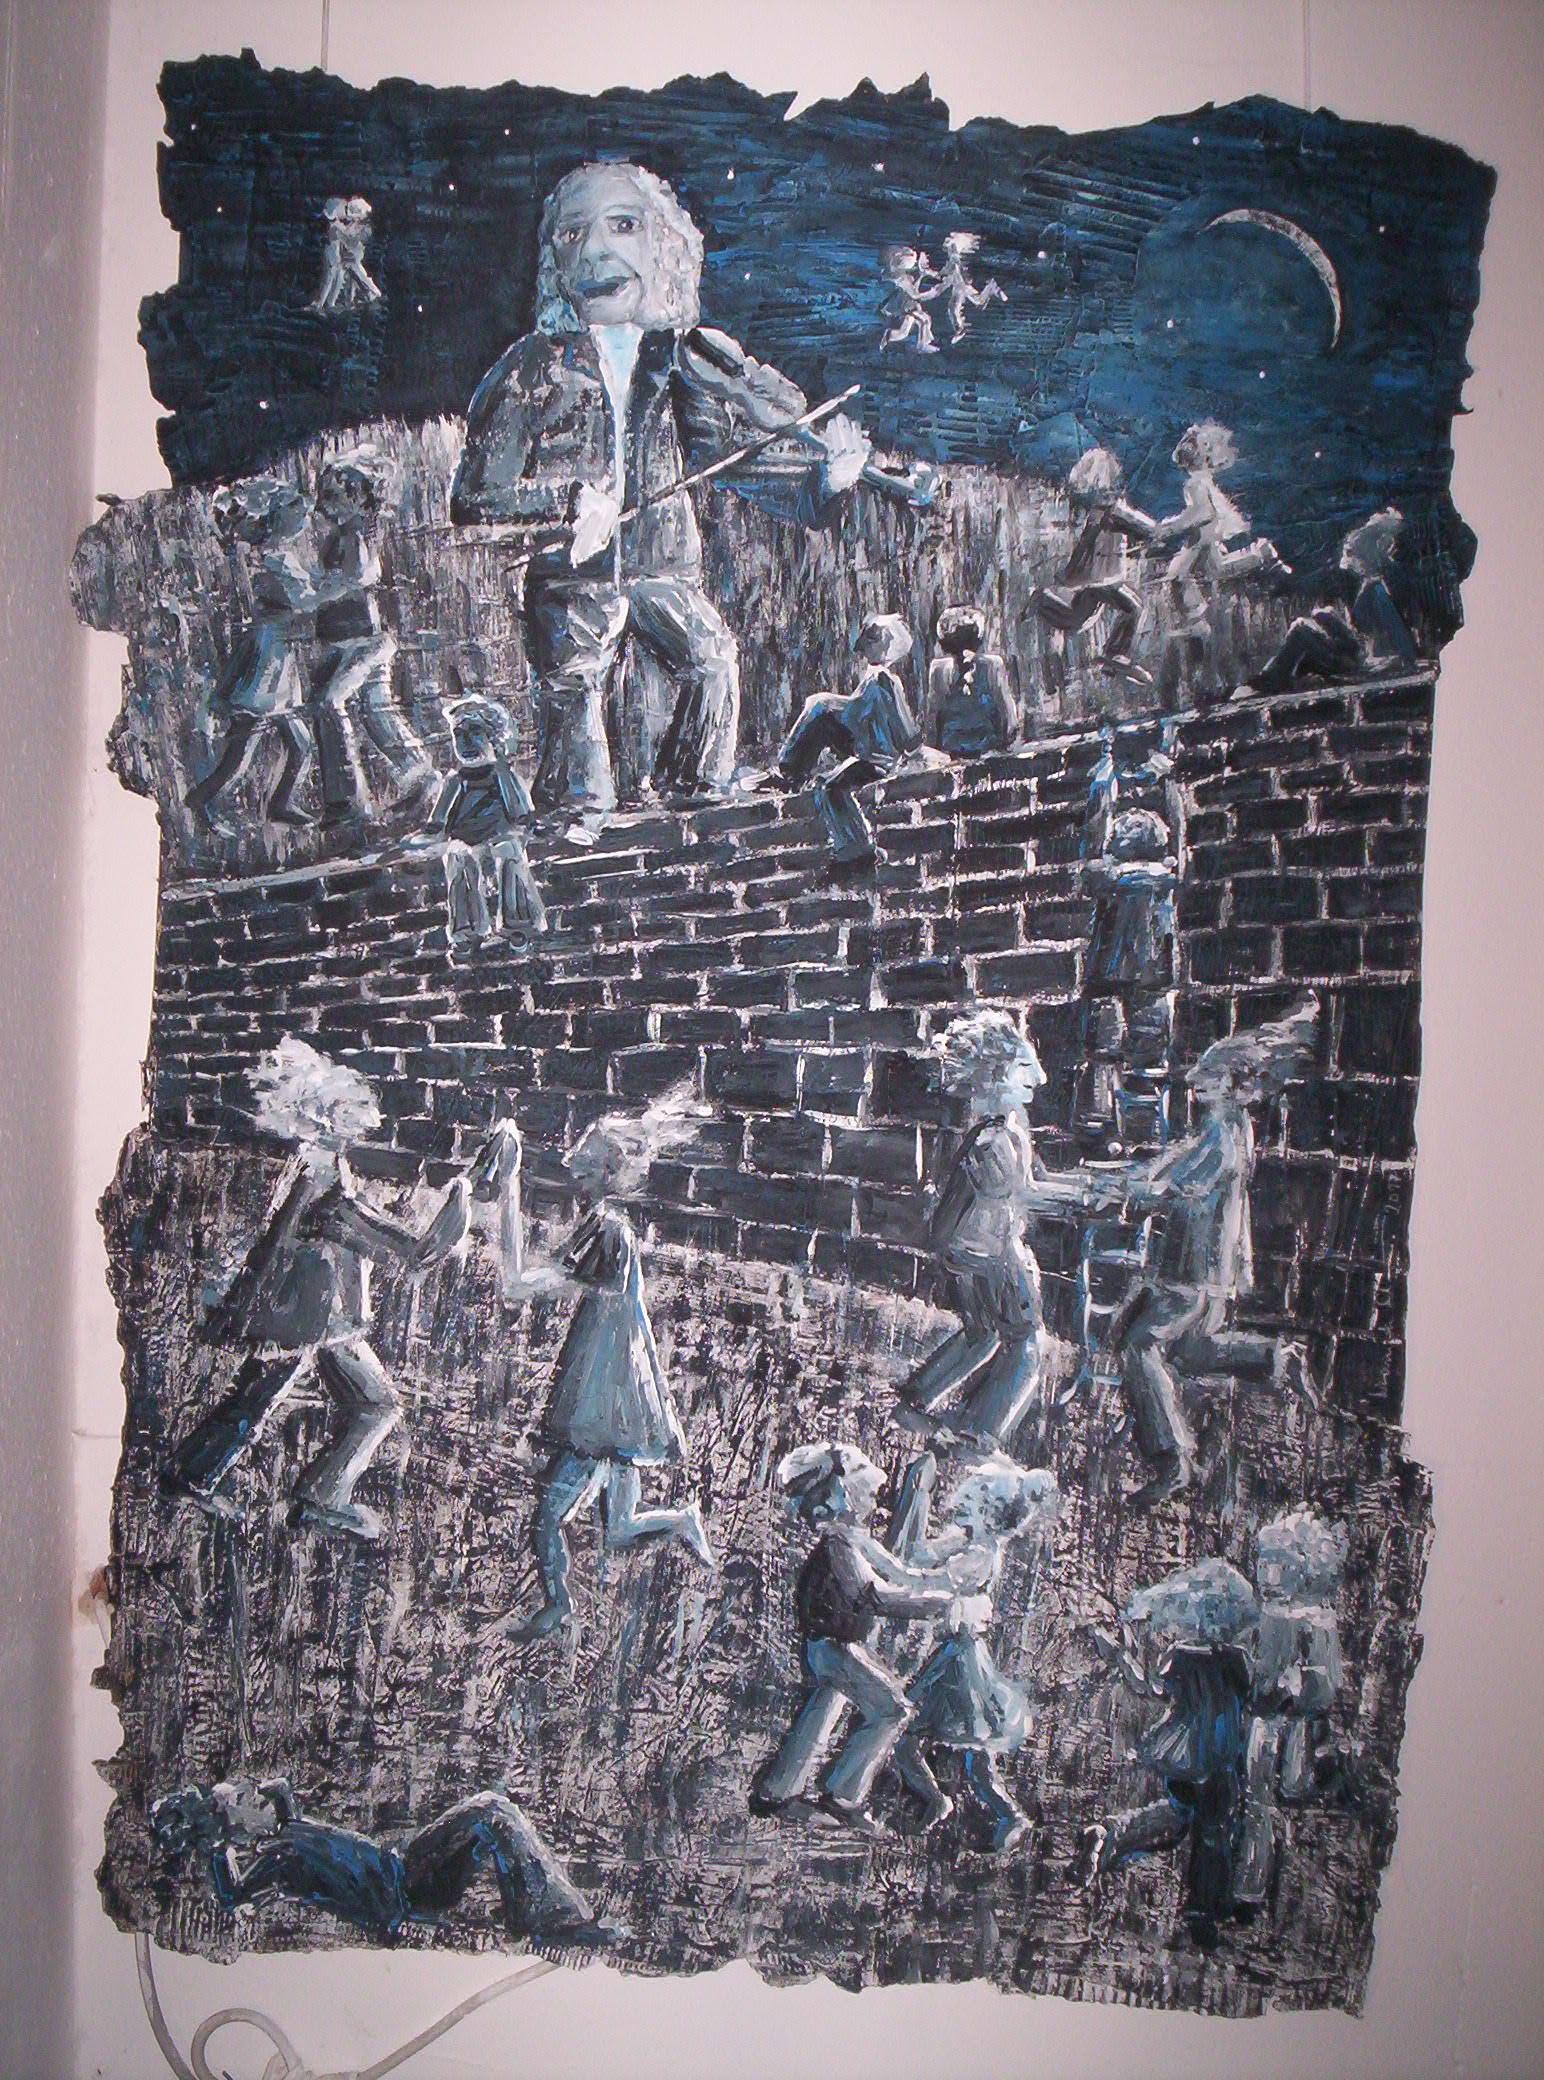 An den Mauern um Mitternacht 2  101_4671.JPG